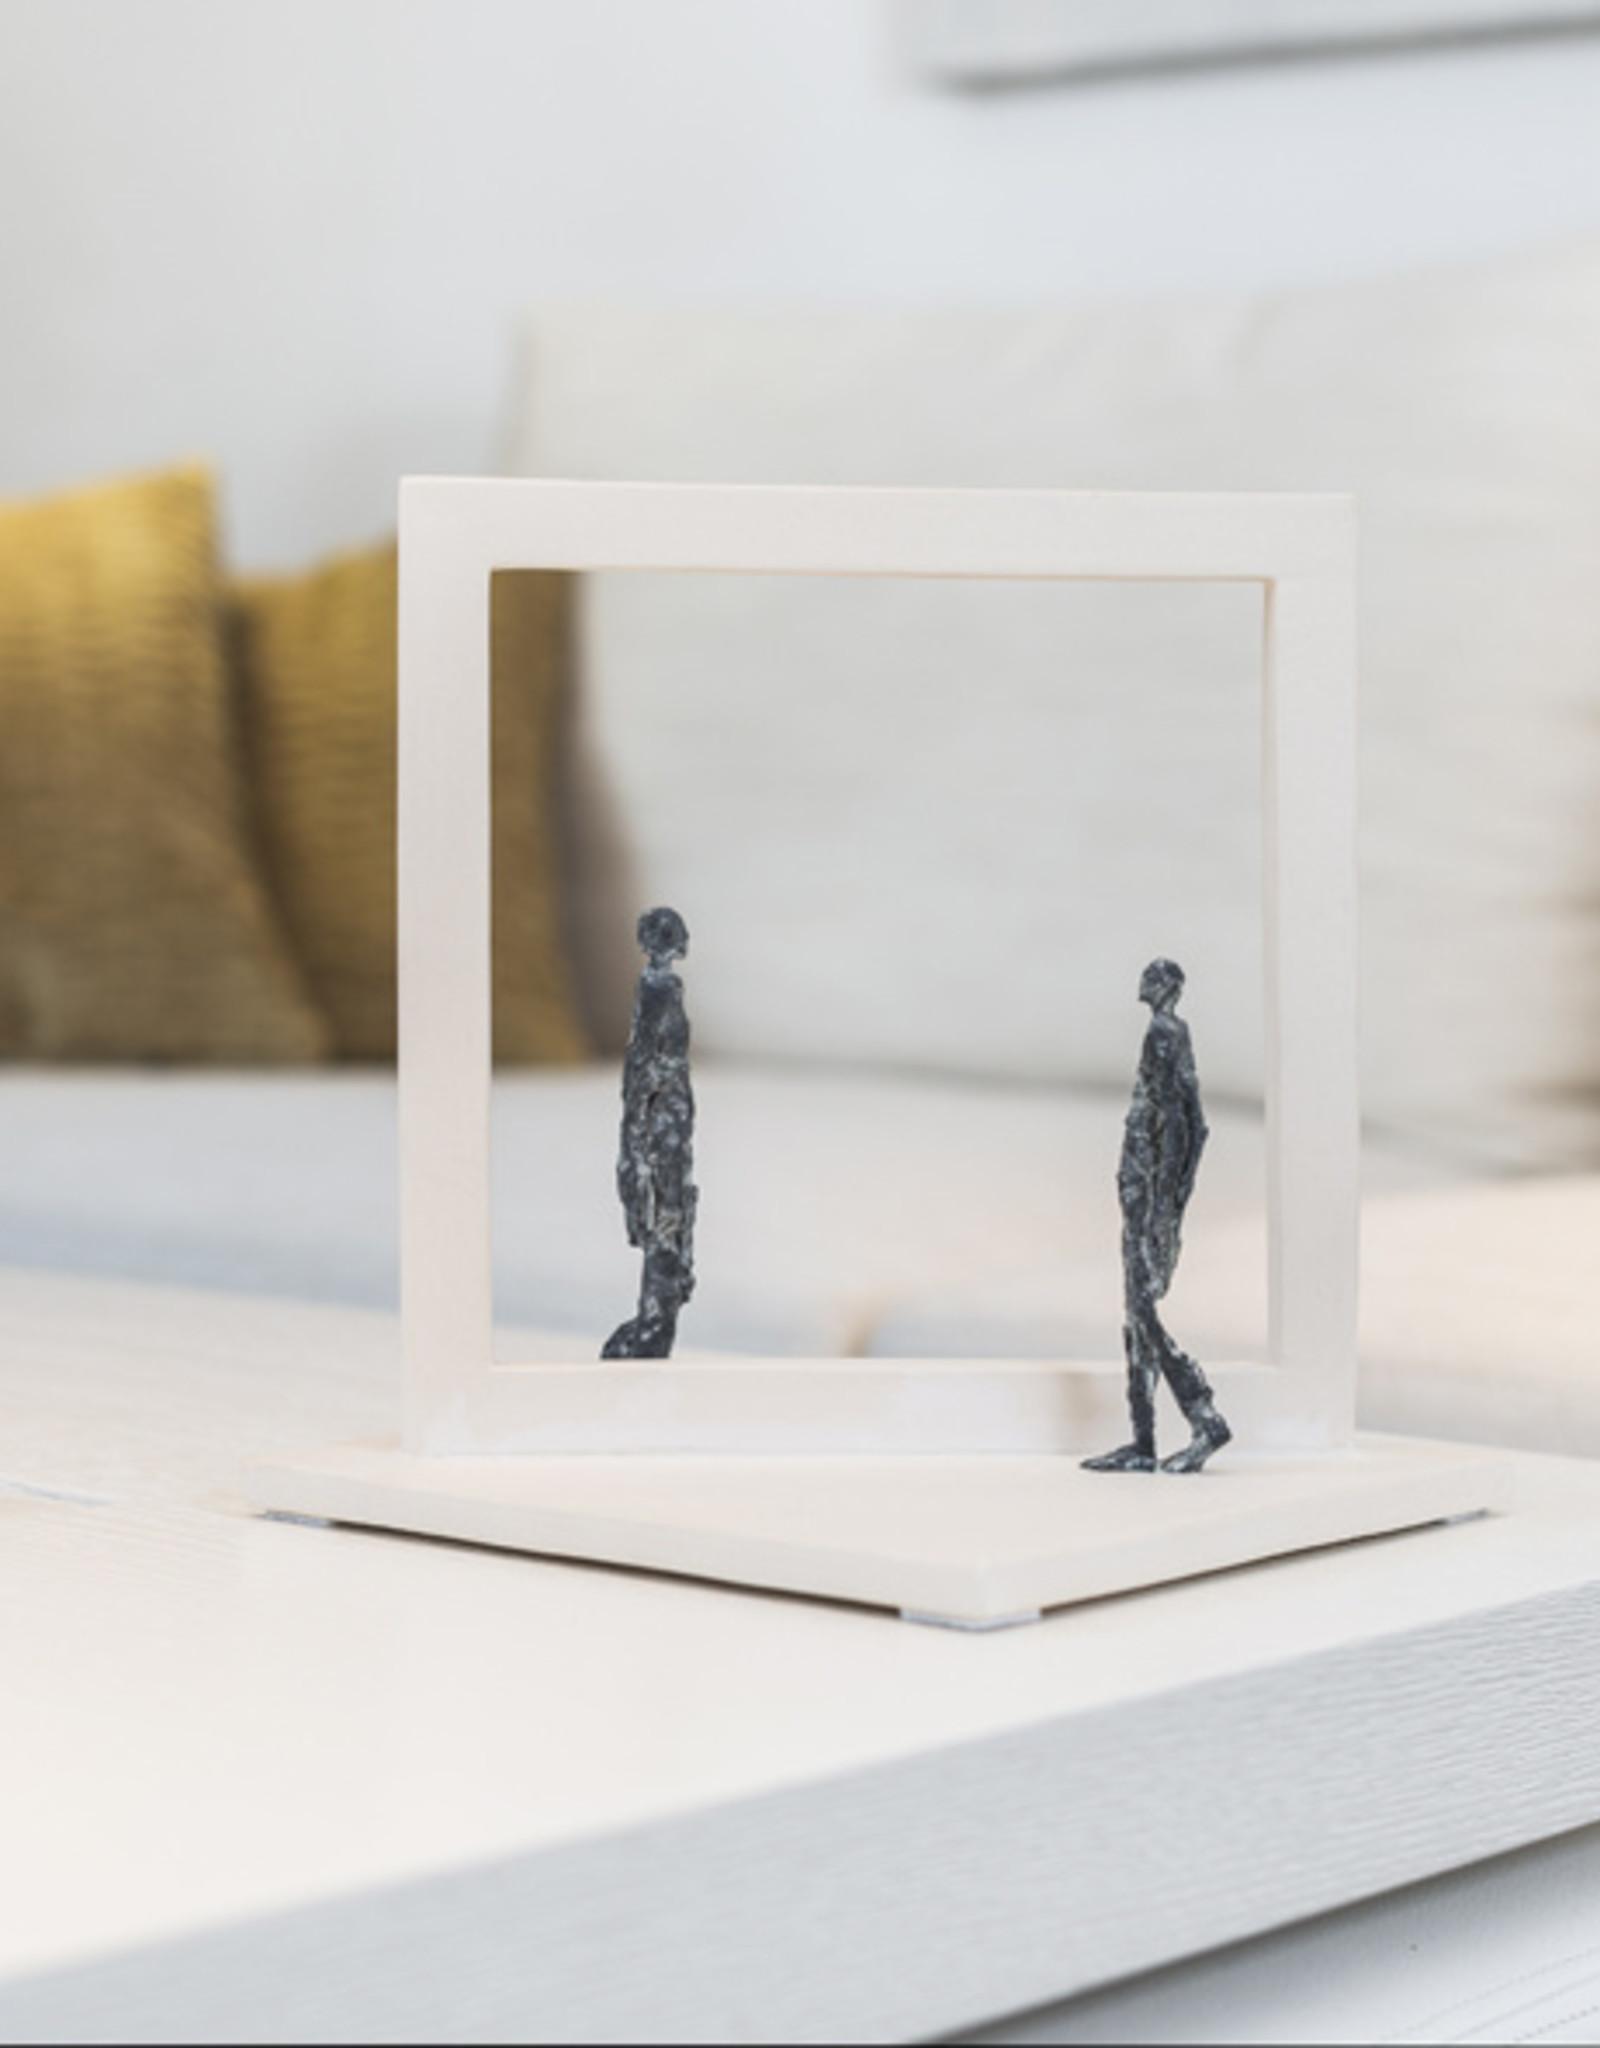 LINDE ERGO REFLECTION - BRONZEN BEELD